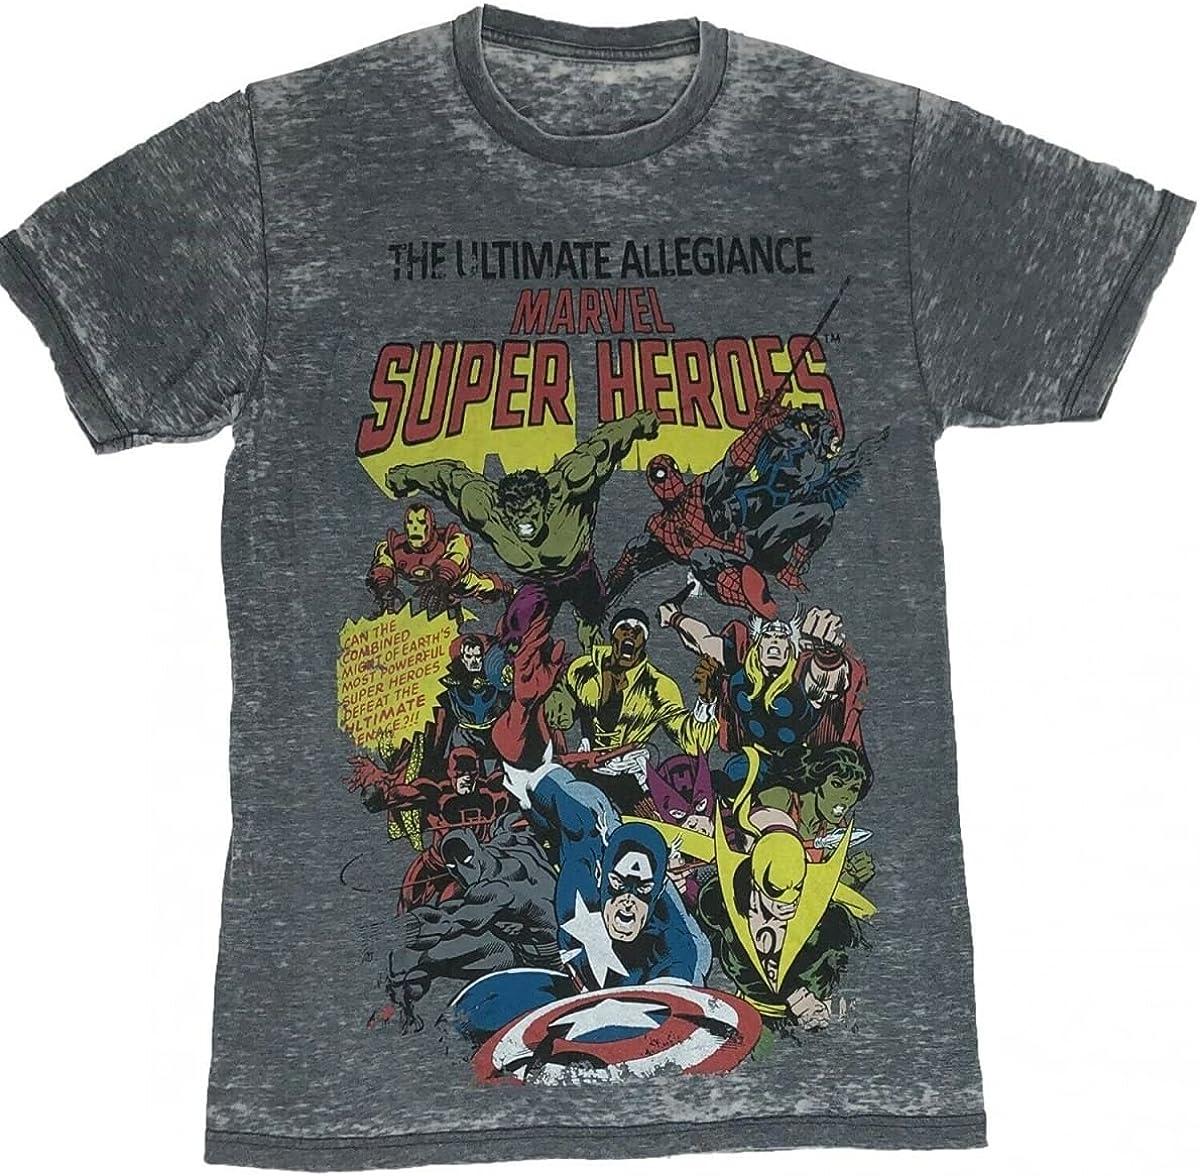 Marvel Avengers Ultimate Allegiance Heroes 『4年保証』 Super T-Shirt 新作 大人気